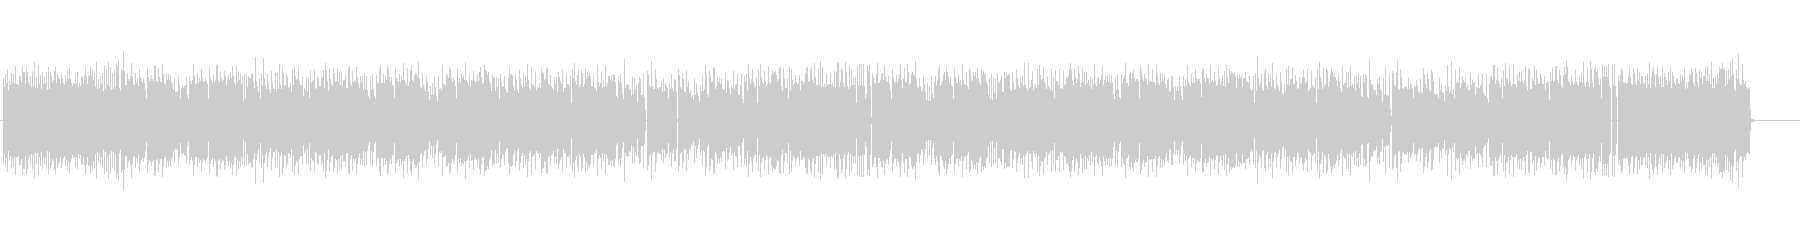 切ないファミコンの音楽の未再生の波形